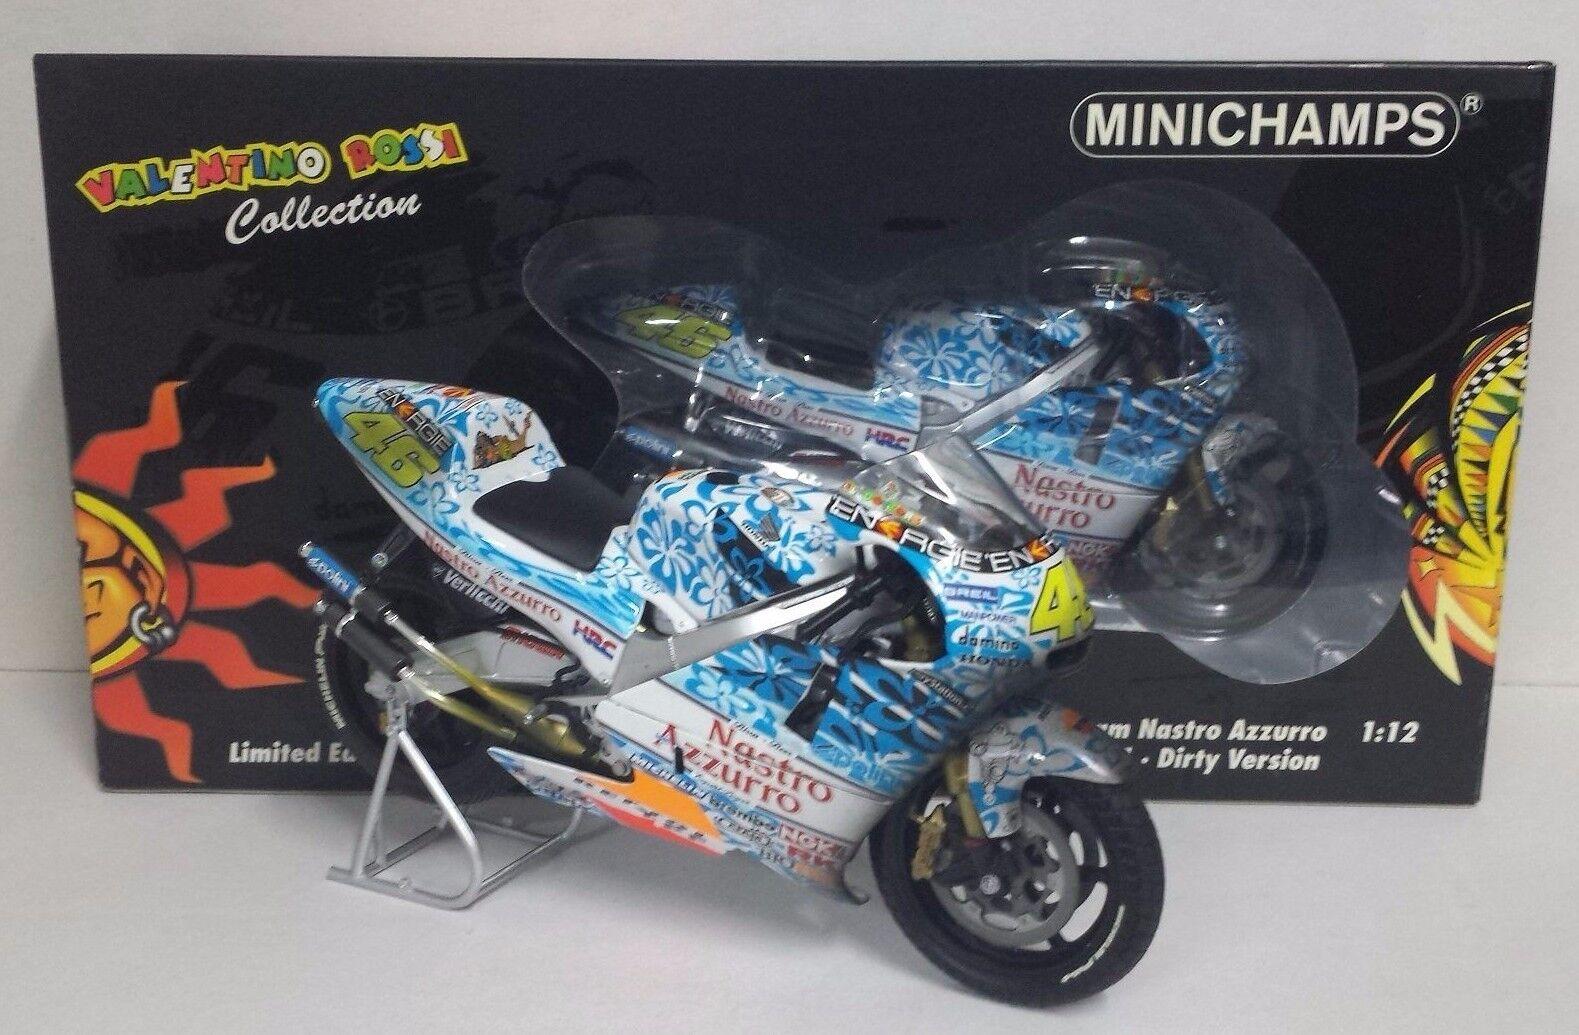 Minichamps Valentino Rossi 1 12 Moto Miniature Honda NSR 500 Gp Mugello 2001 New